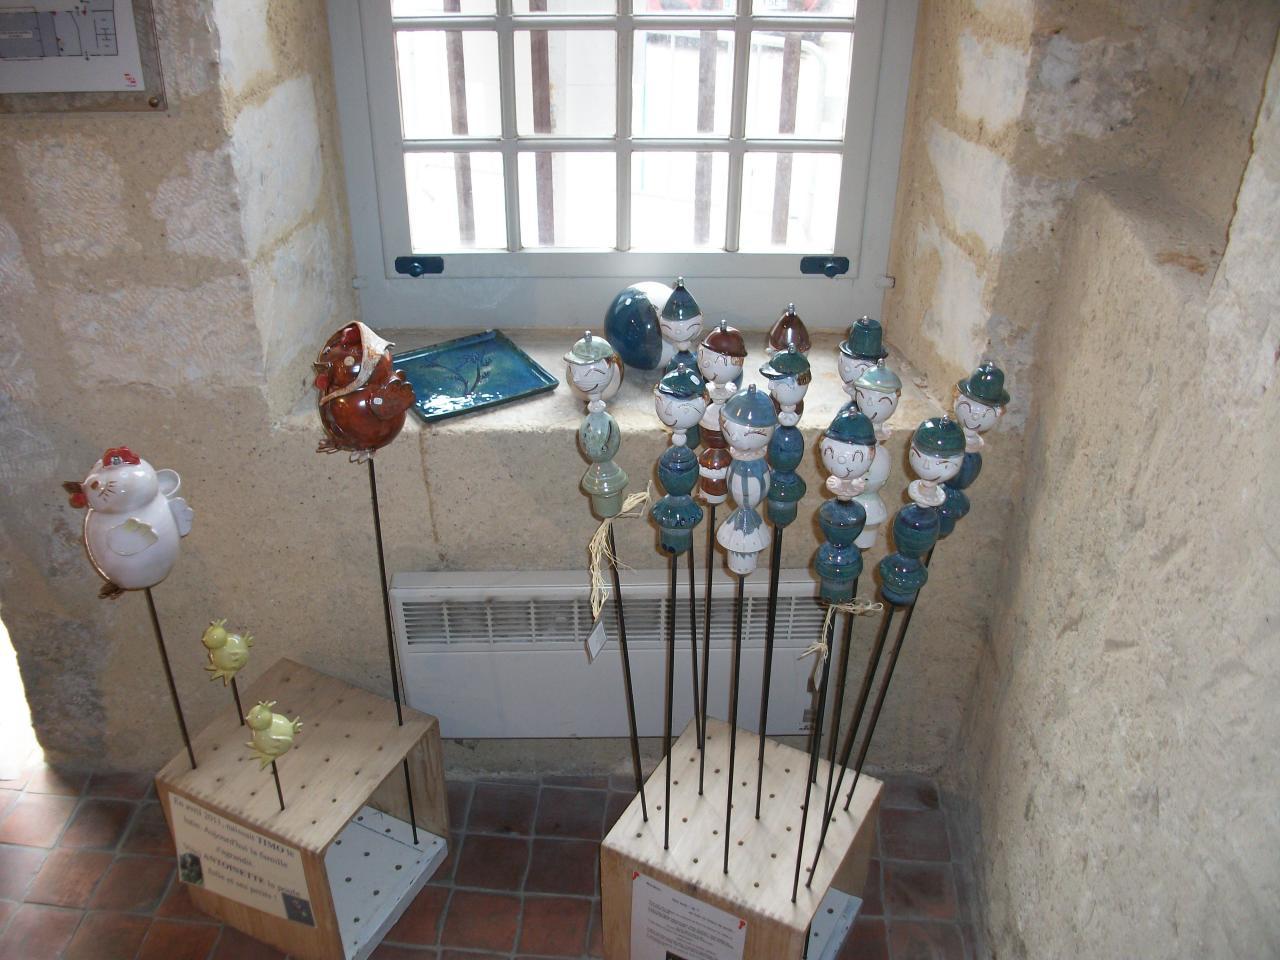 Déco jardin poterie - Exemples d\'aménagements